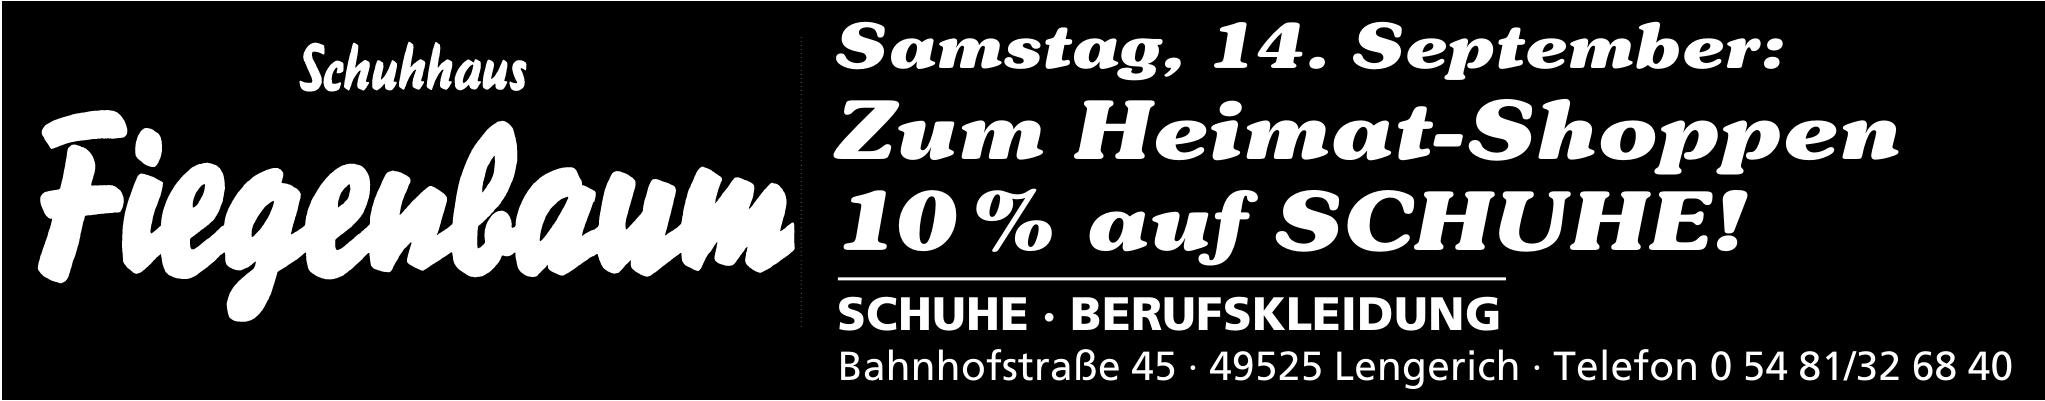 Schuhaus Fiegenbaum